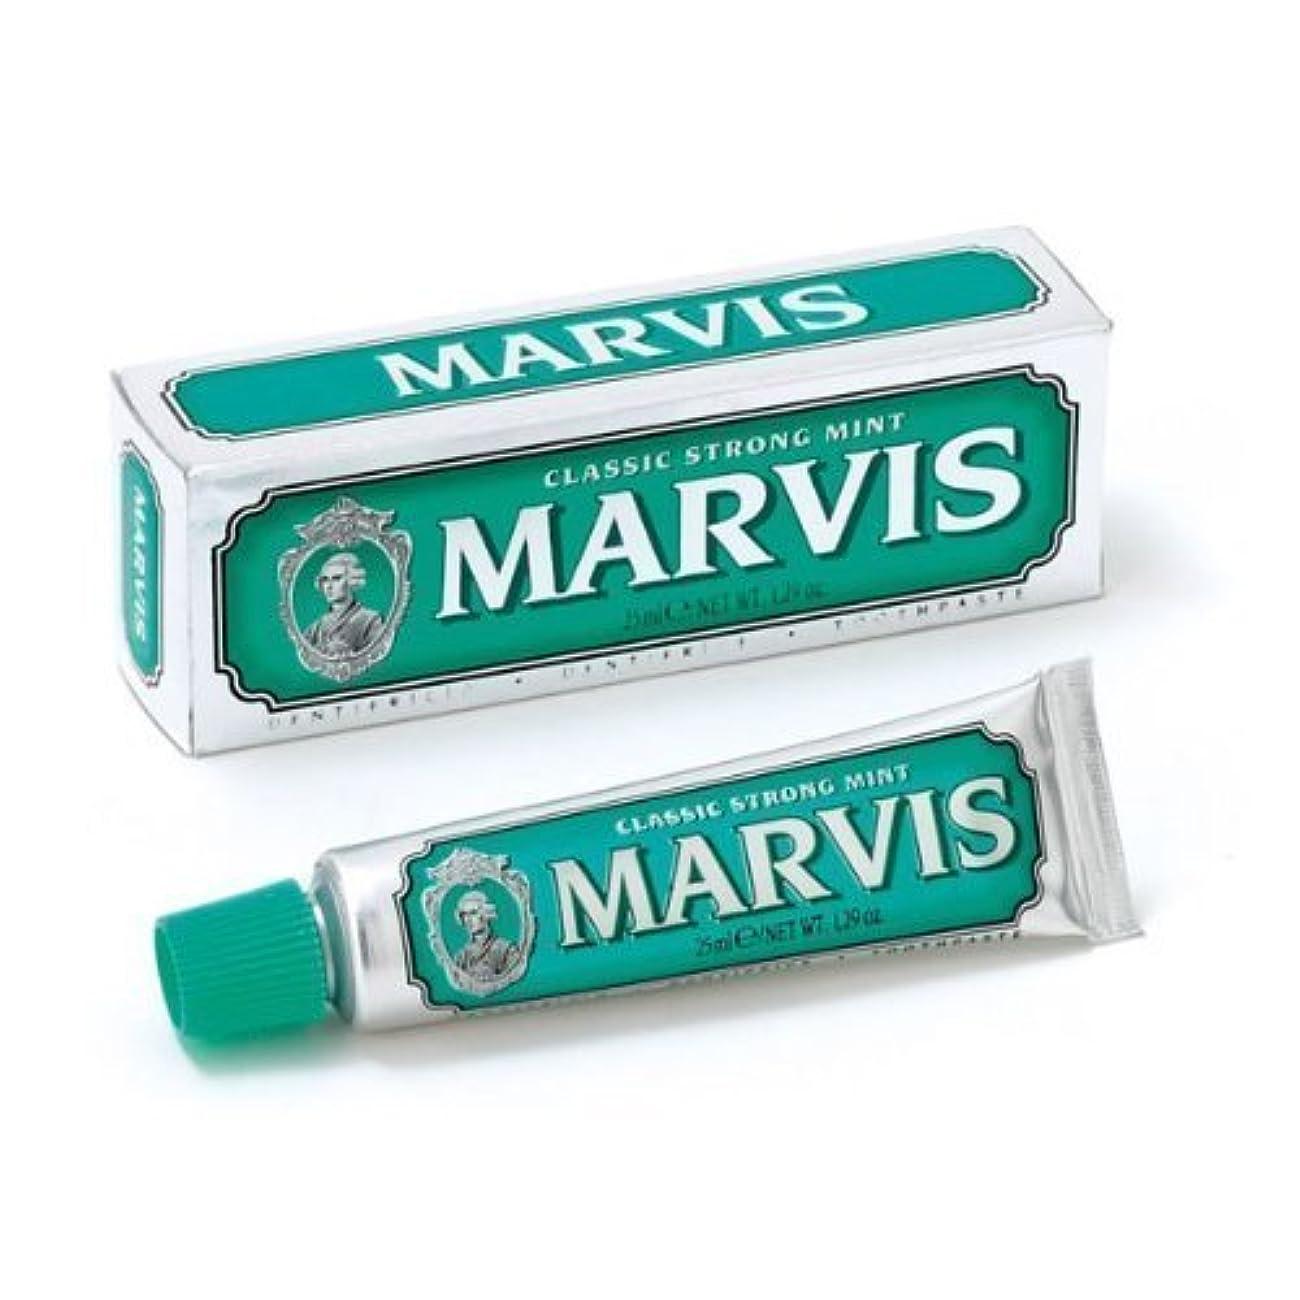 送信する問い合わせる拷問Marvis Toothpaste - Classic Strong Mint 25ml Travel Size - 4 PACK by Marvis [並行輸入品]